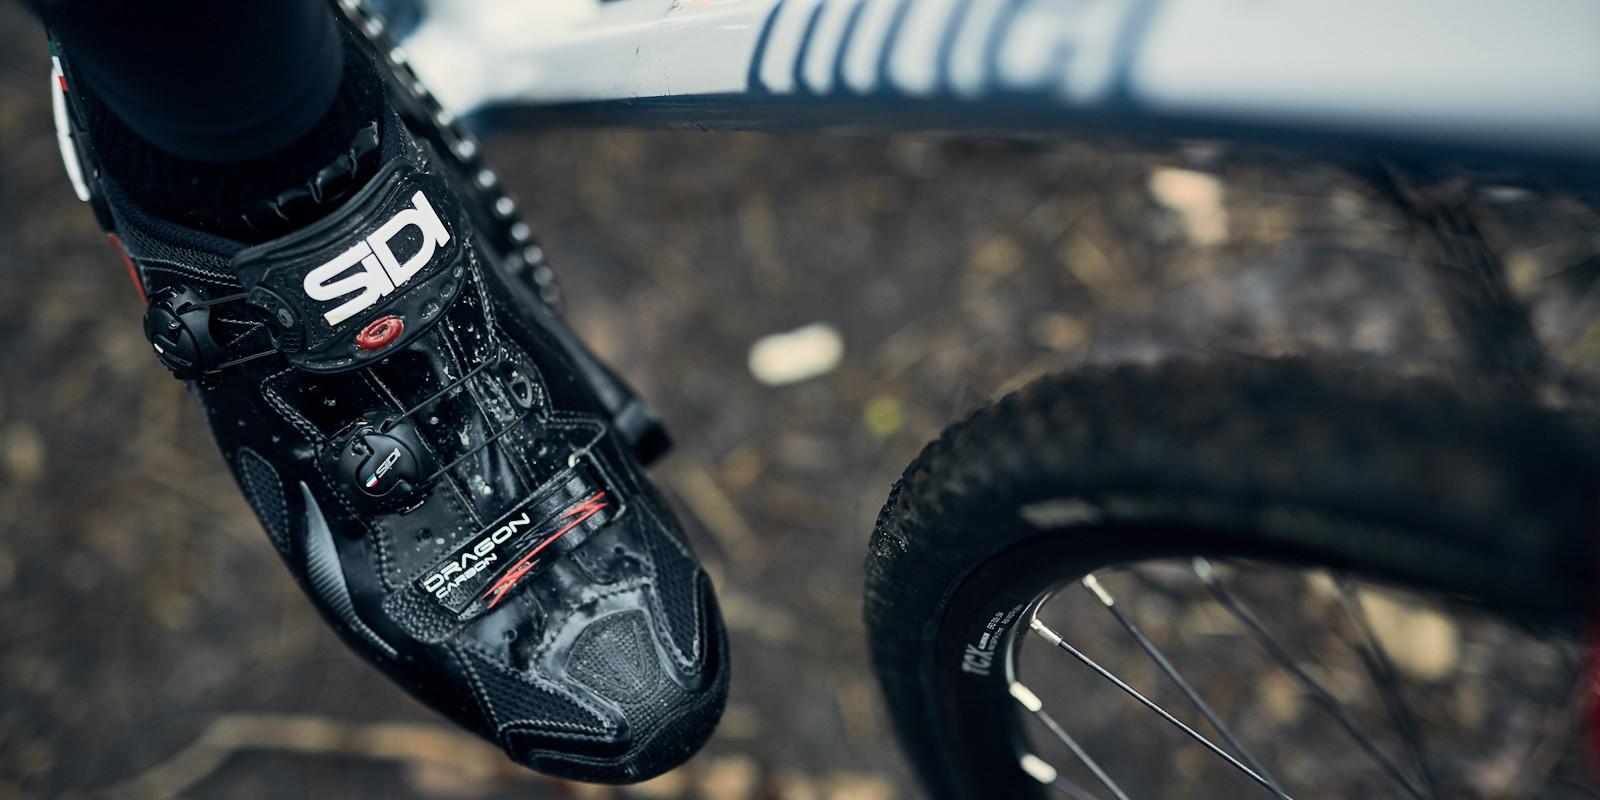 Sidi Dragon 4 MTB shoes